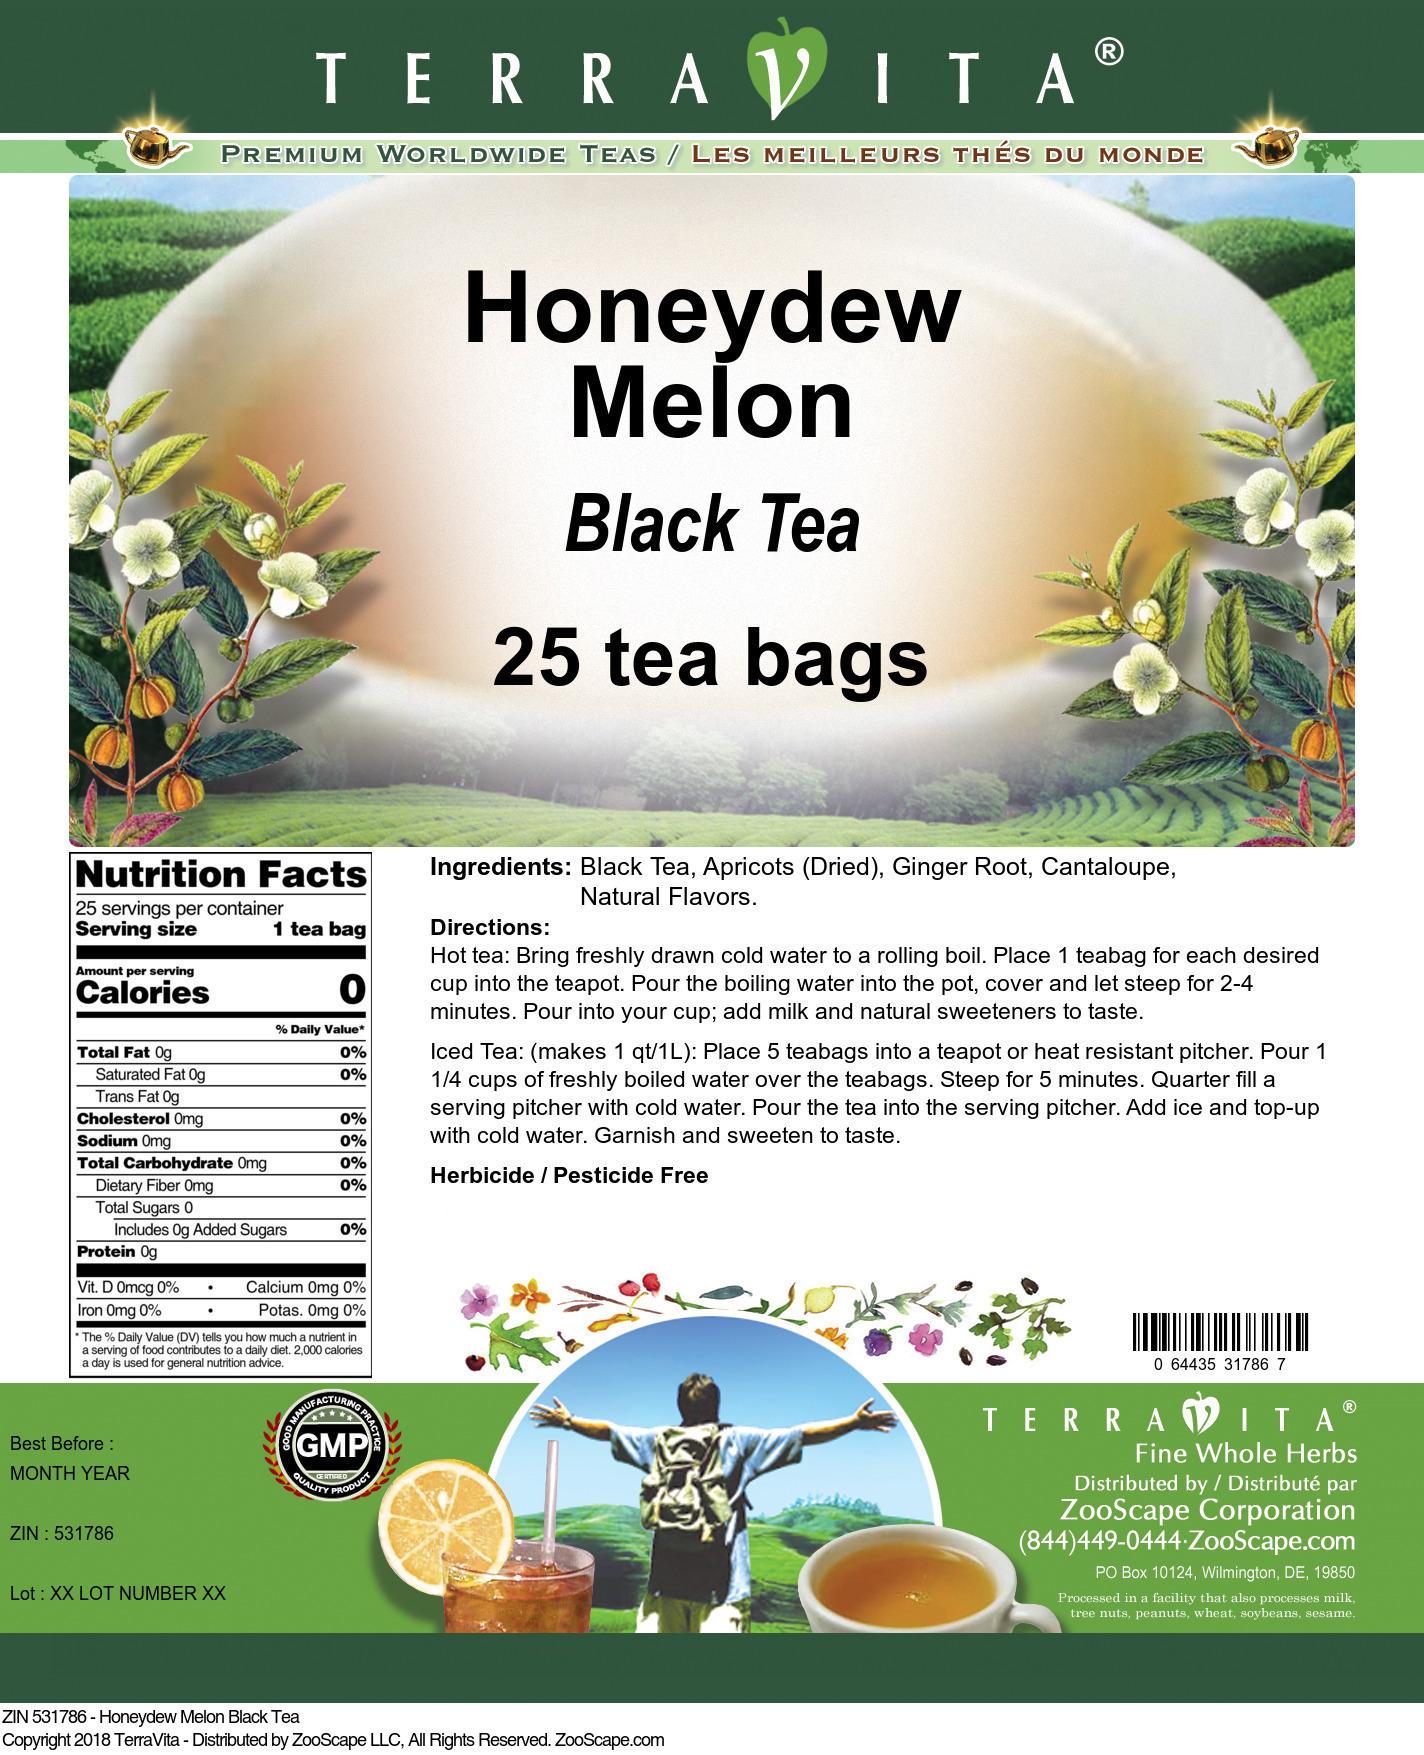 Honeydew Melon Black Tea